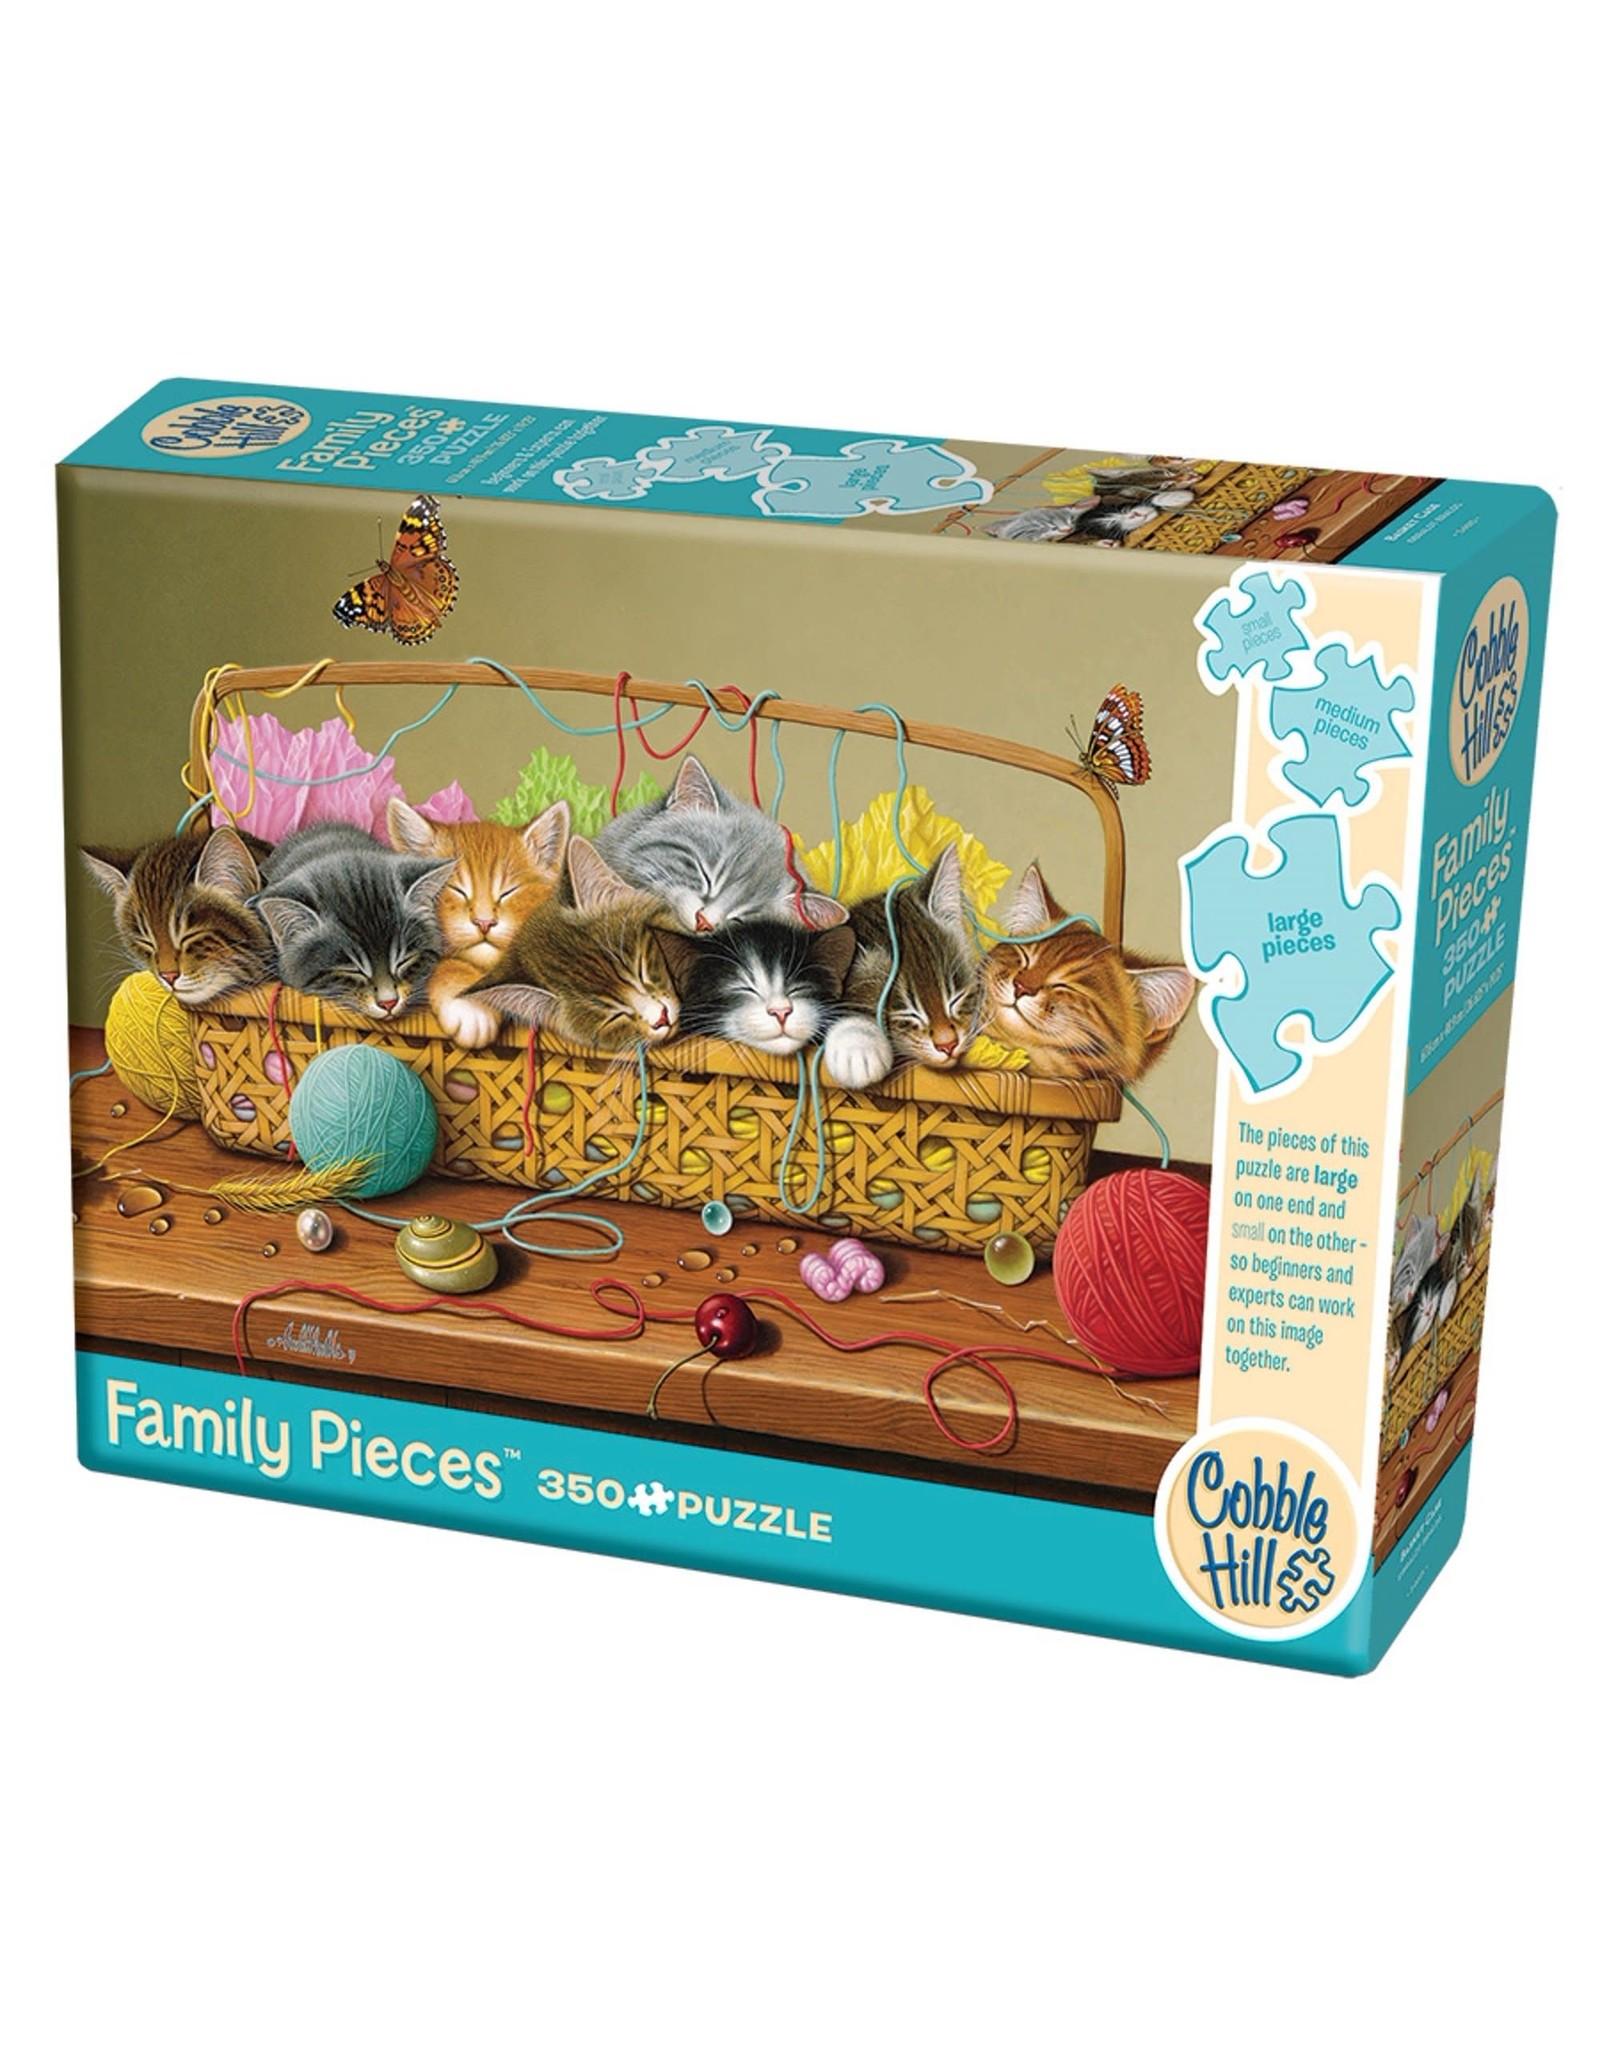 Cobble Hill Puzzles Basket Case (Family) 350 Pcs Puzzle